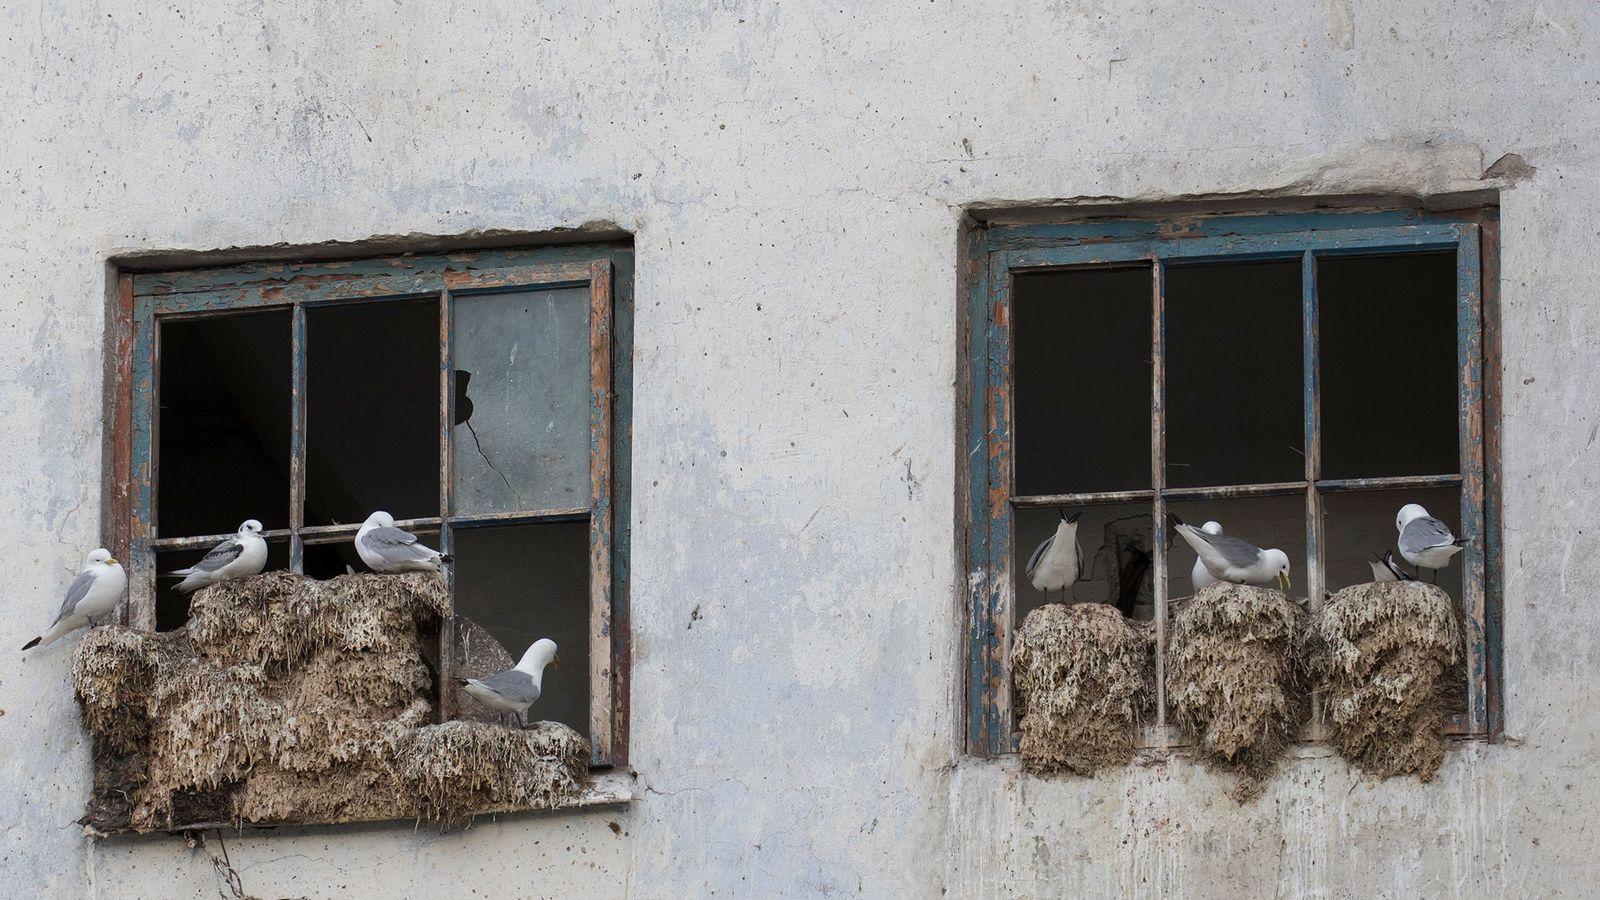 Ces mouettes tridactyles se sont établies dans une ville norvégienne. Différents facteurs poussent ces oiseaux à ...